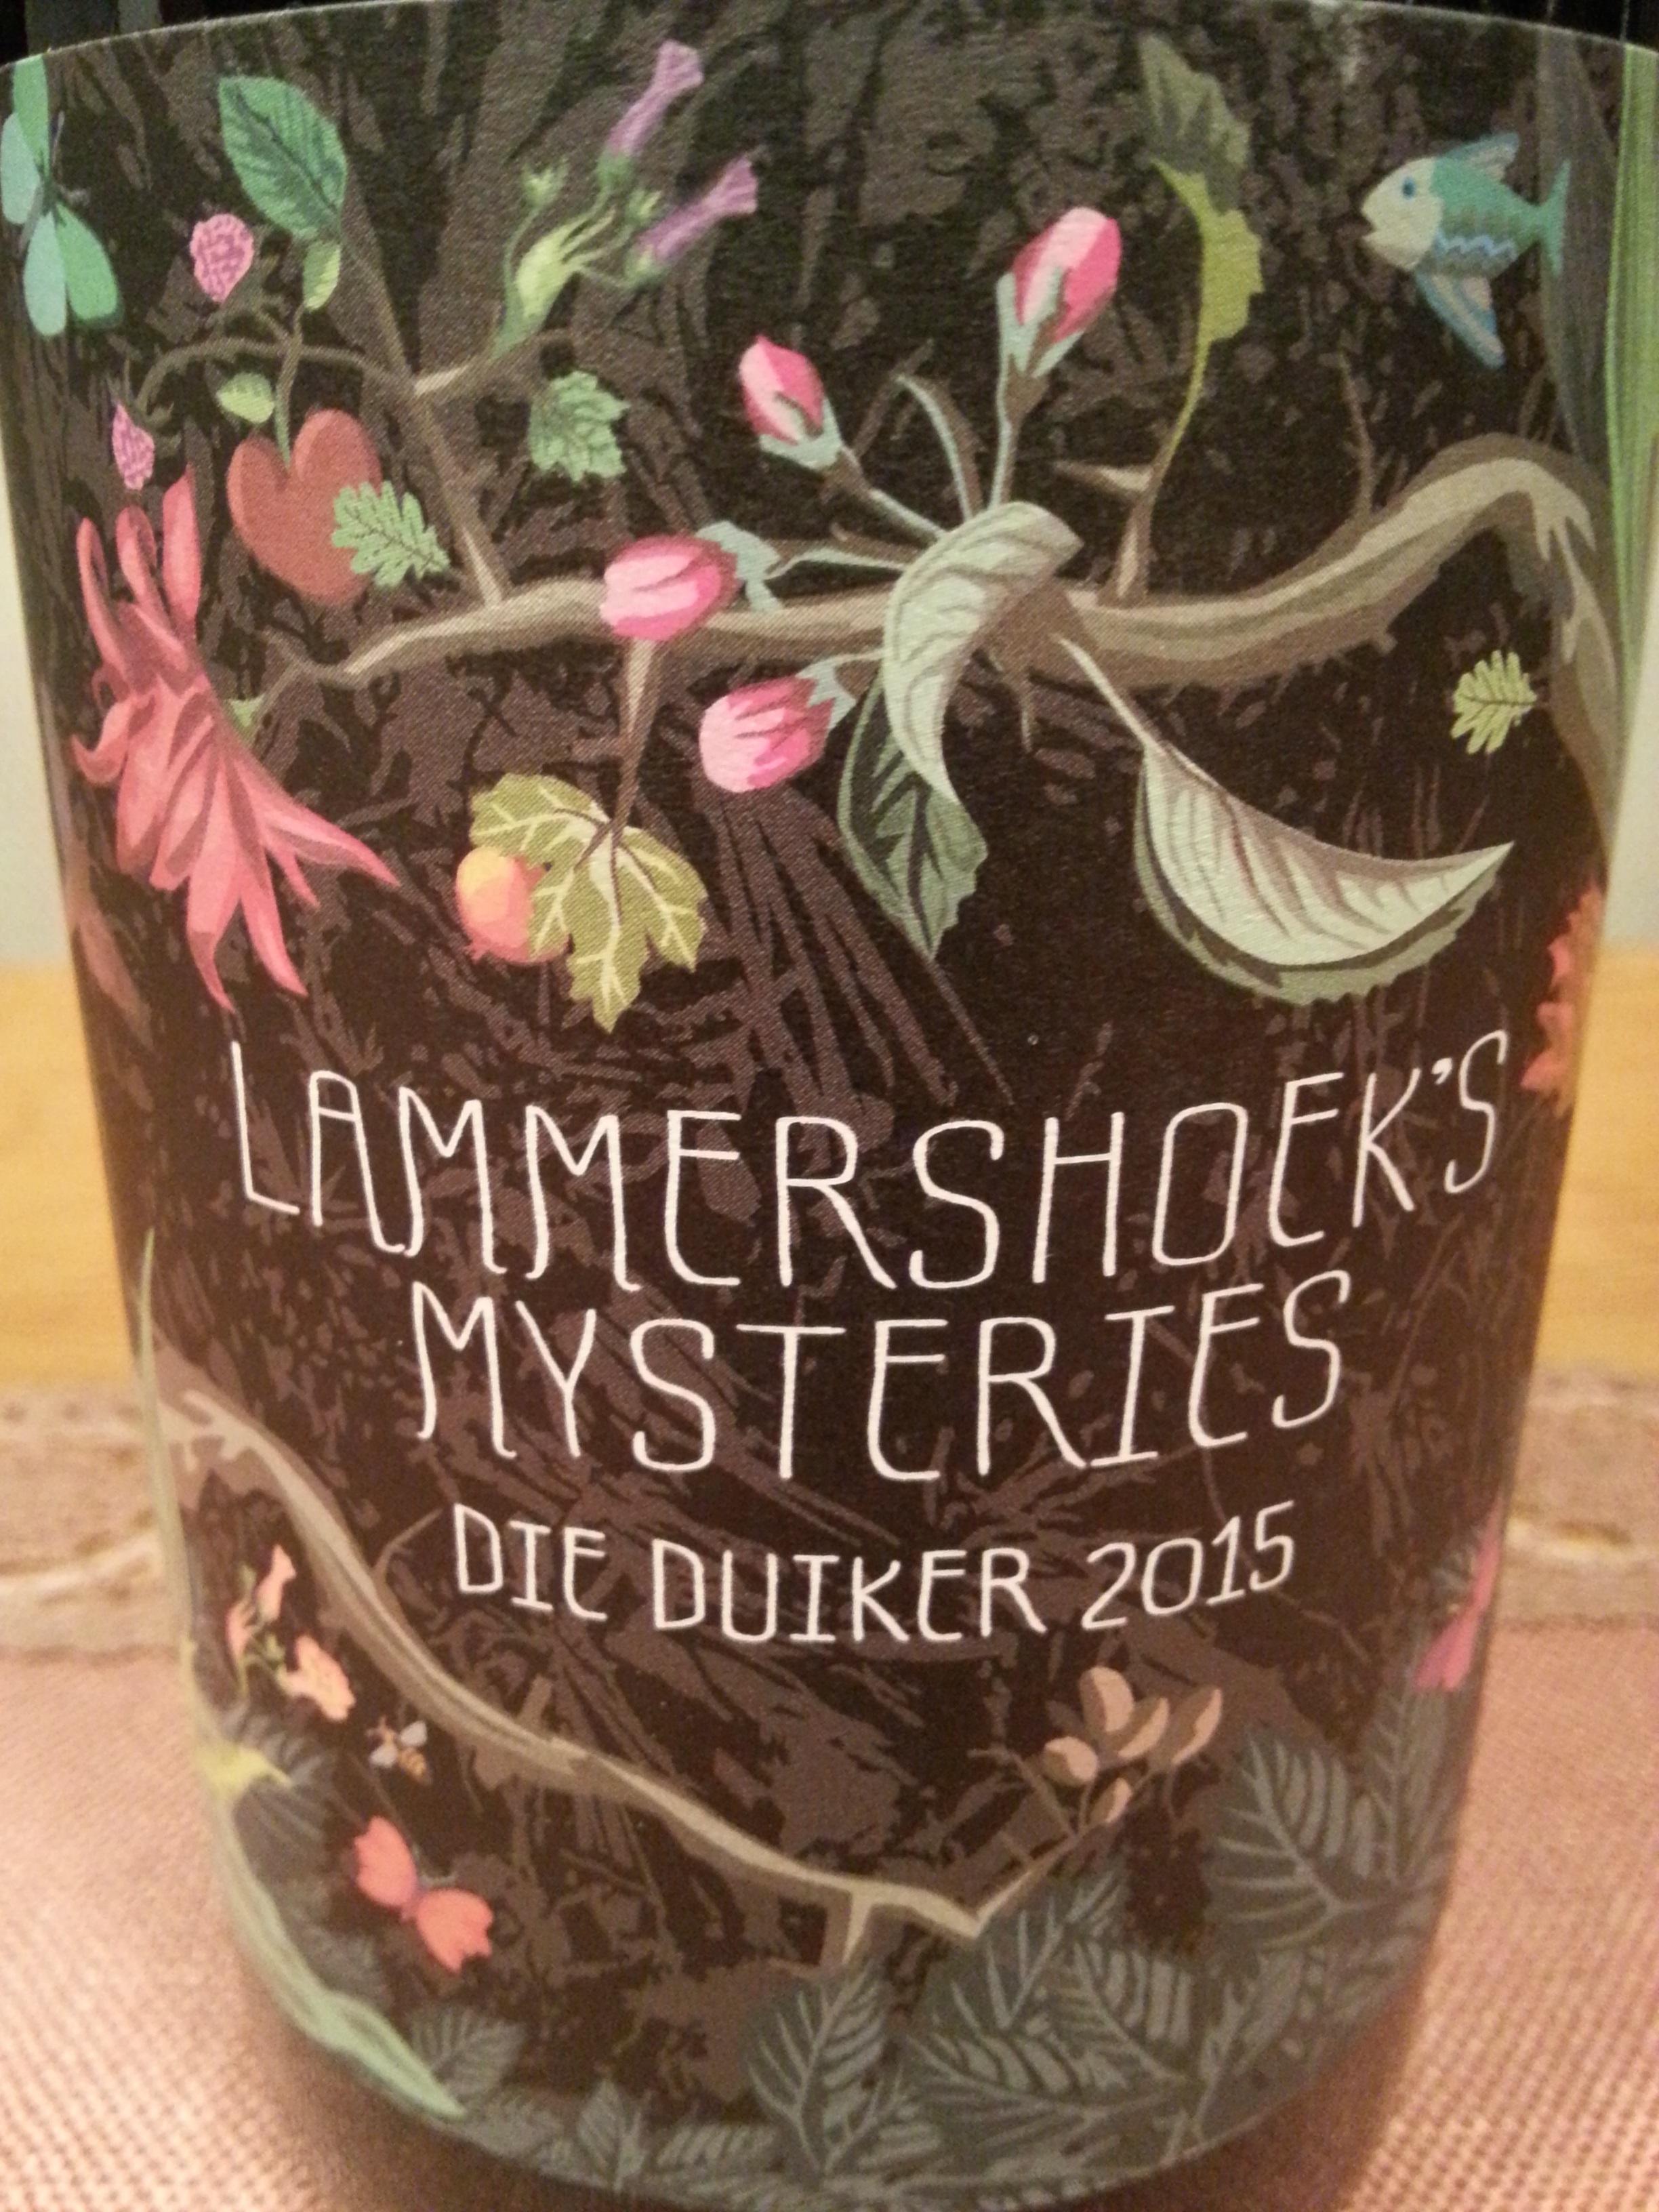 2015 Die Duiker Mysteries | Lammershoek